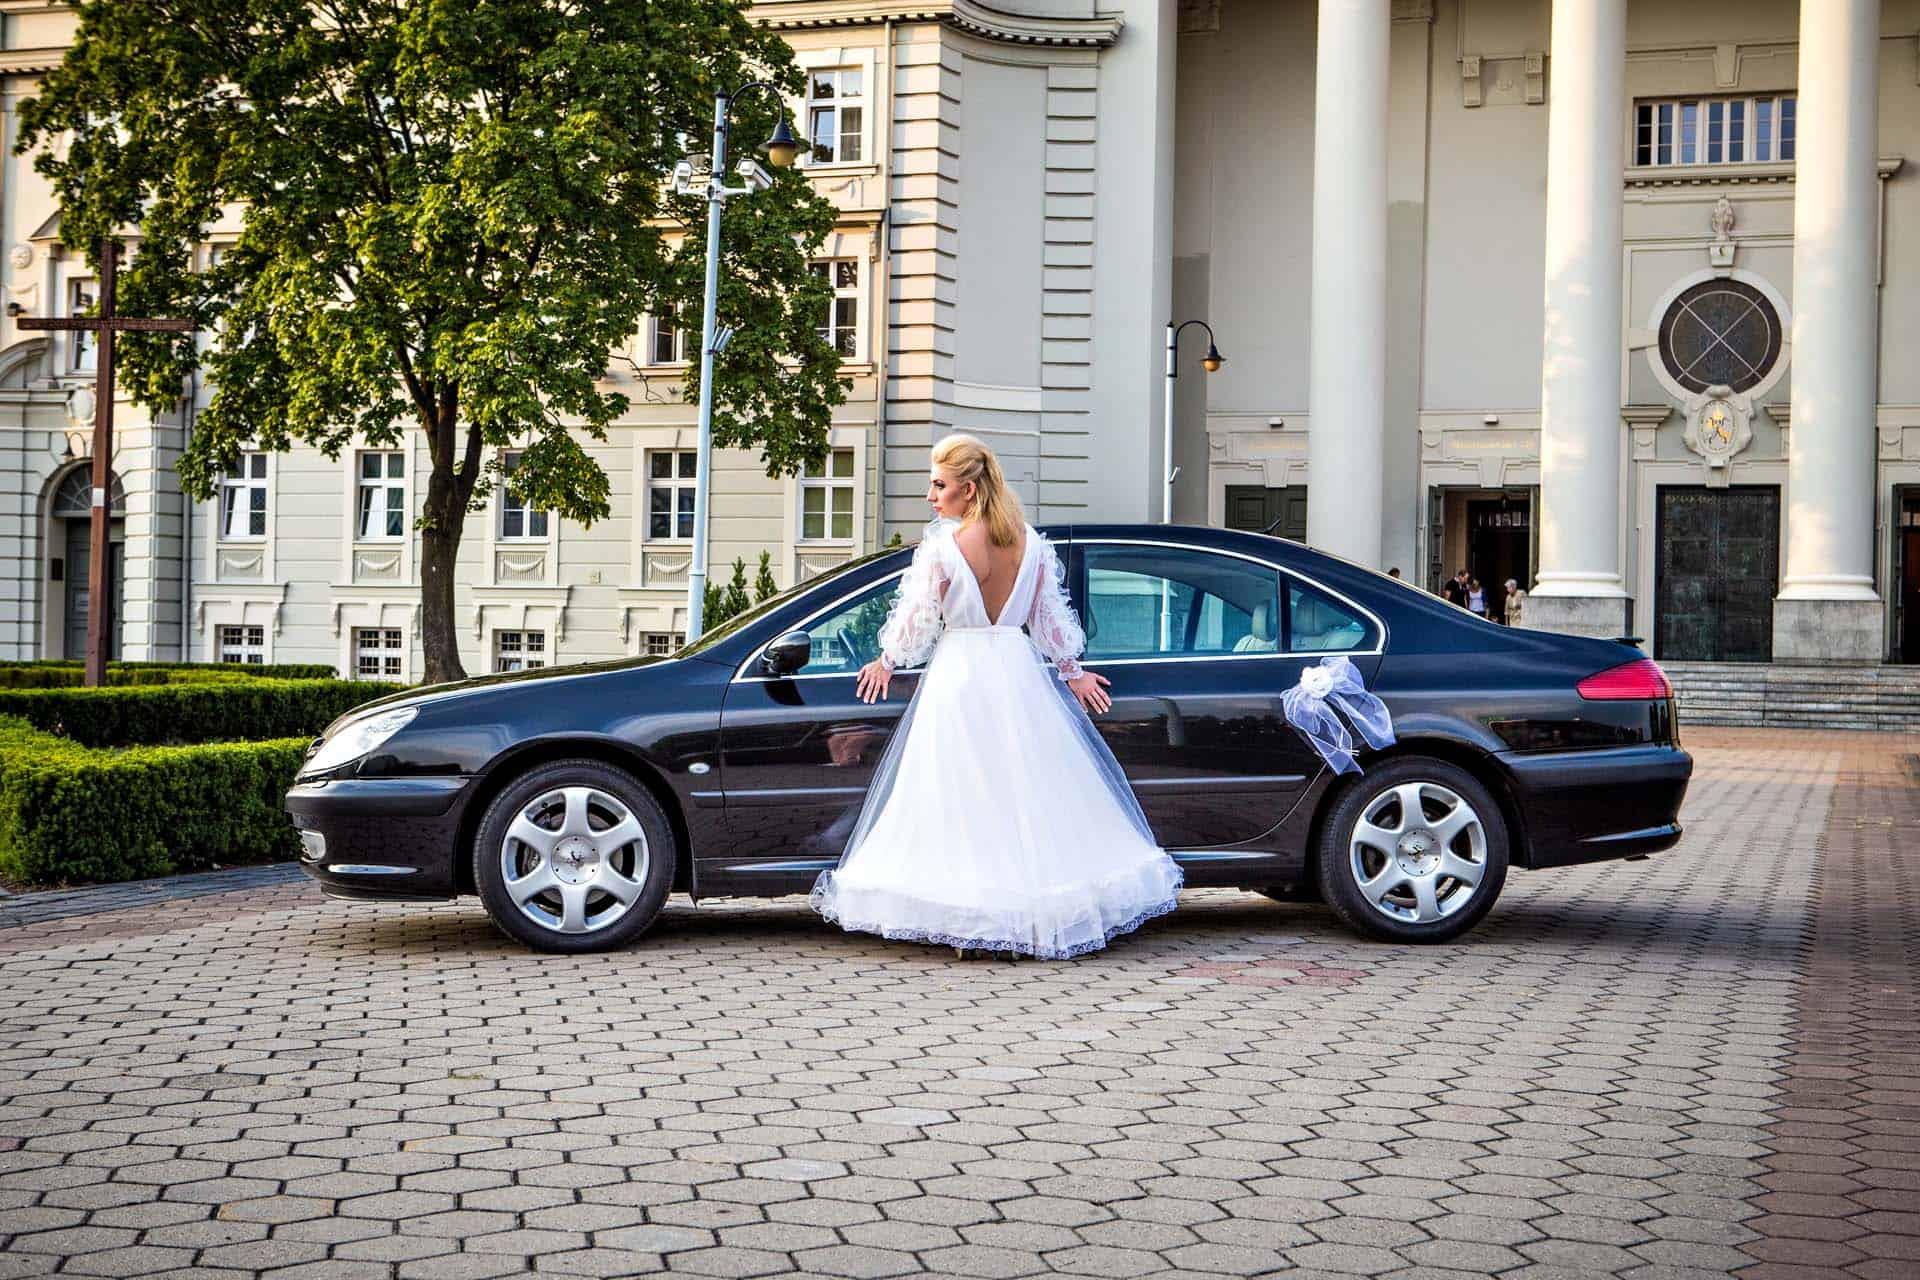 Samochód ślubny widziany z boku - Bazylika, Bydgoszcz